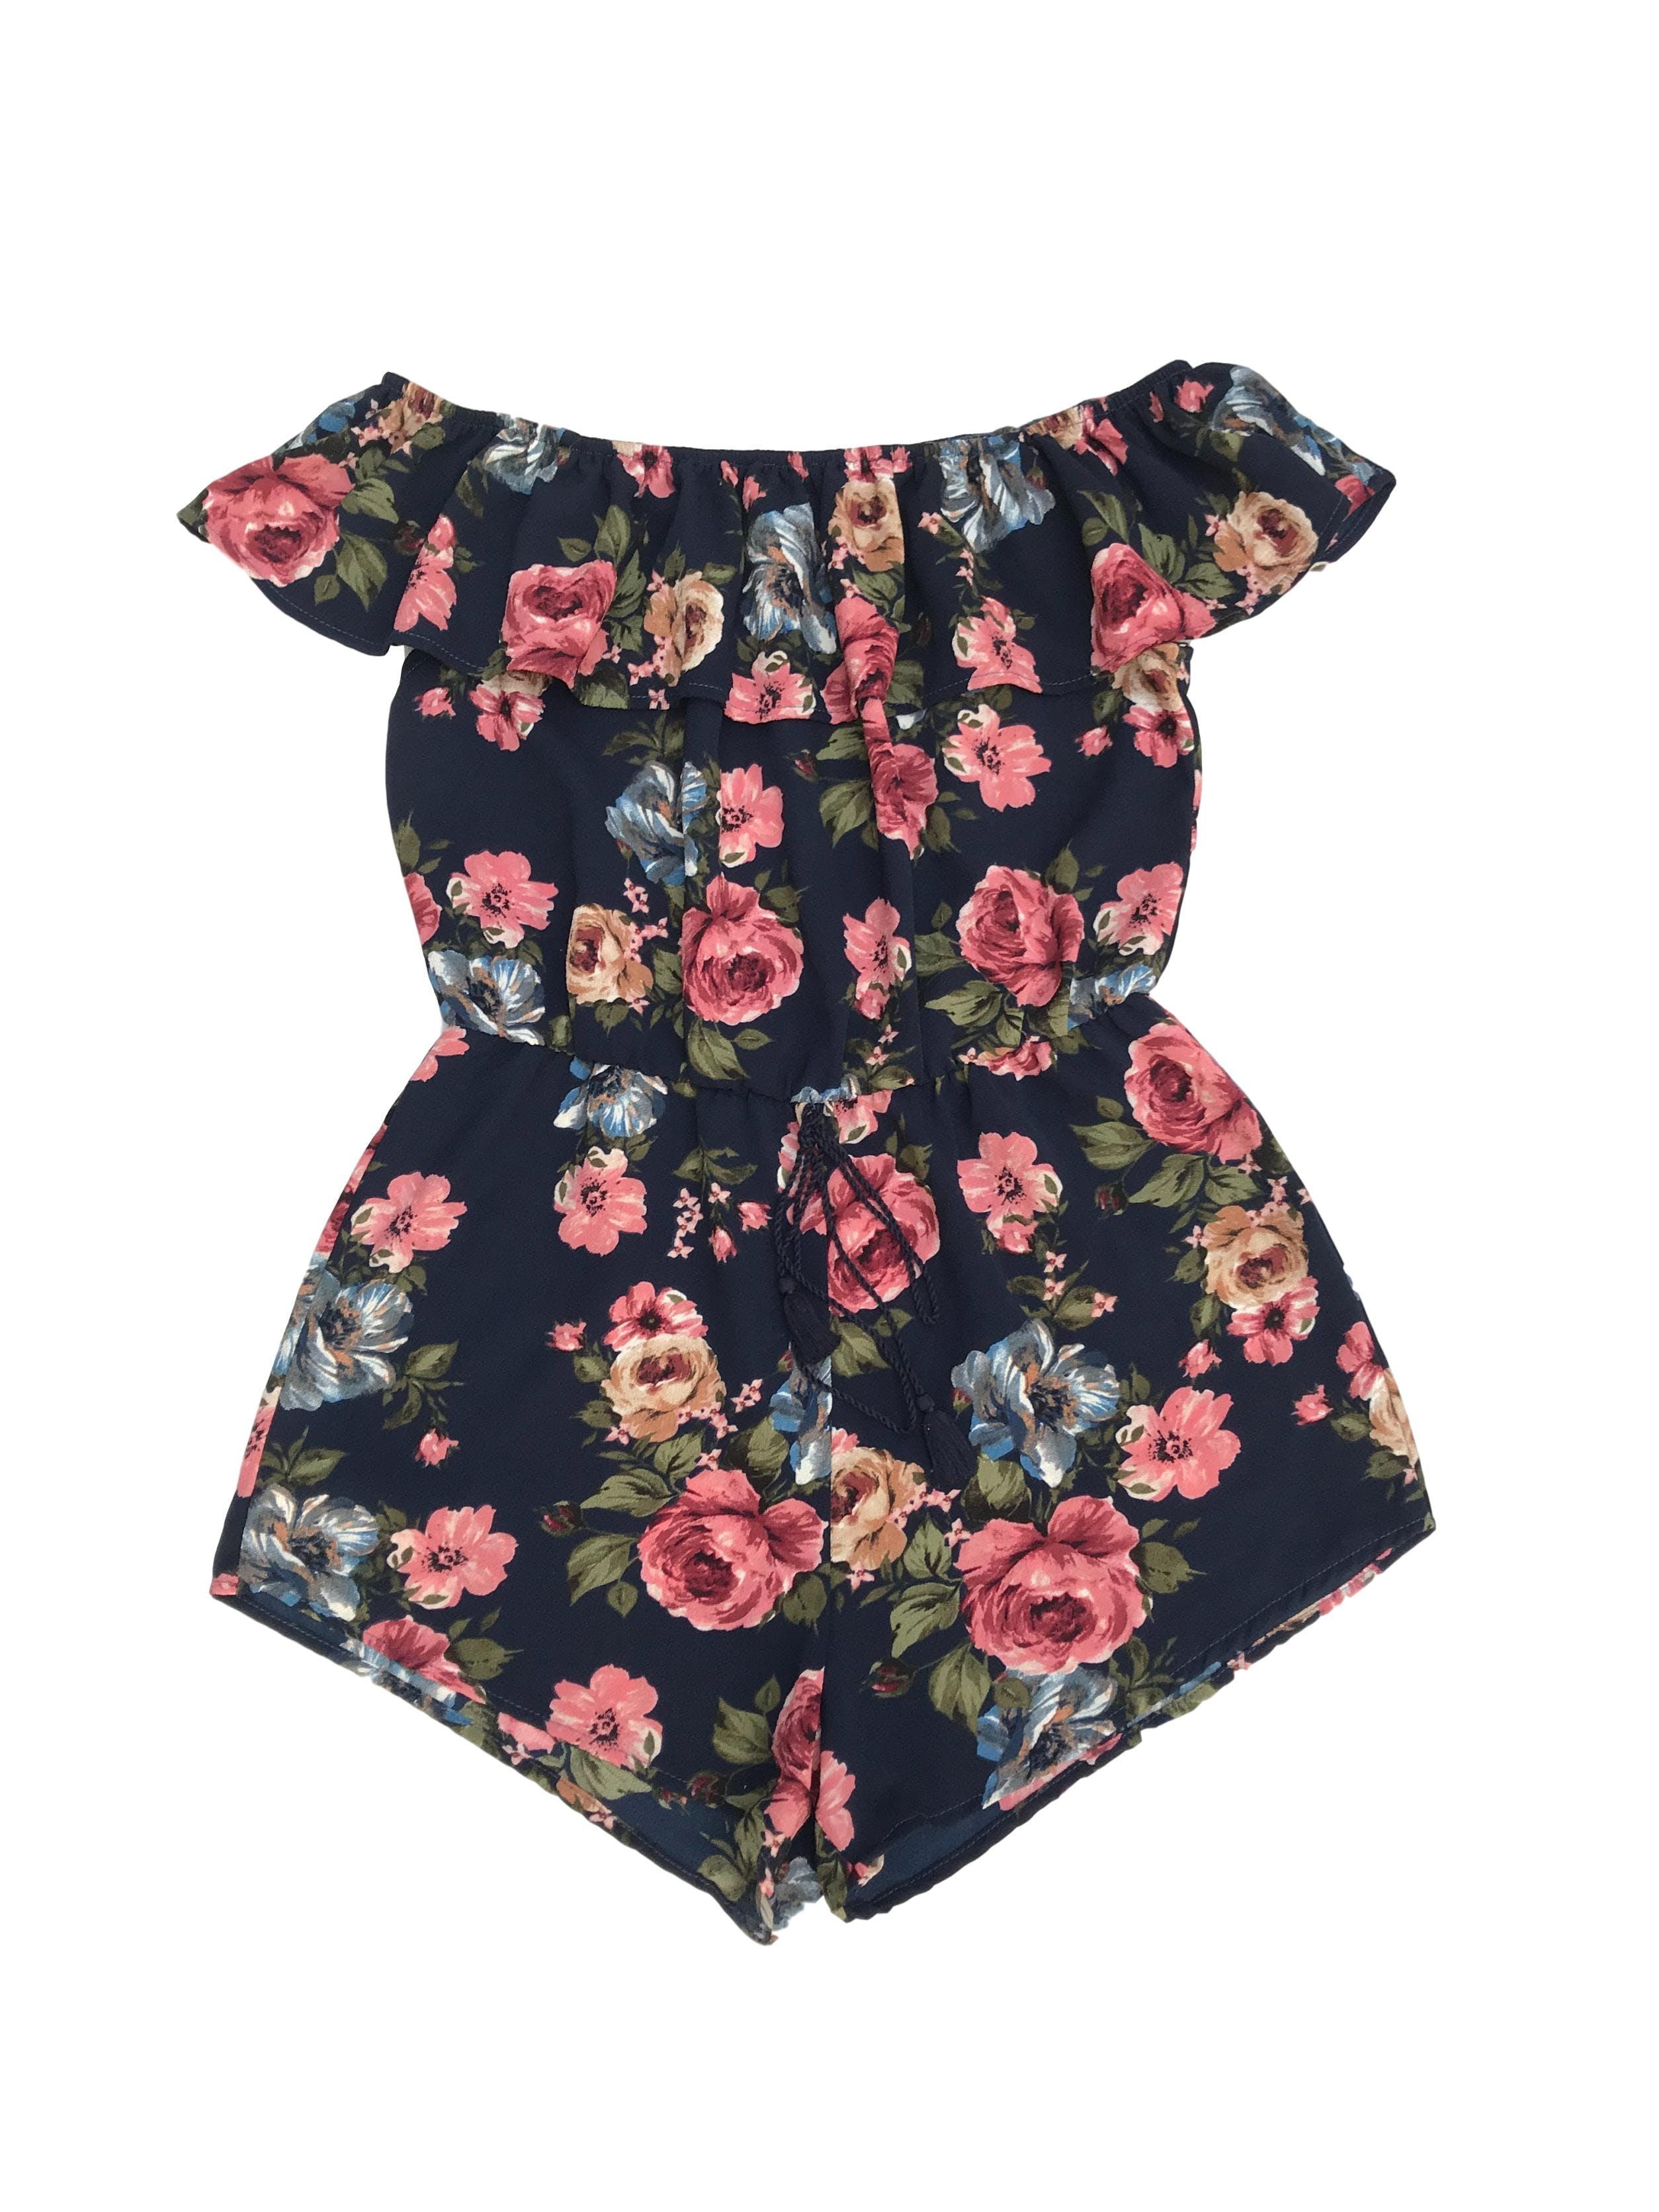 Enterizo short de crepé azul con estampado de flores, off shoulder con volante y elástico en la cintura (76cm sin estirar)